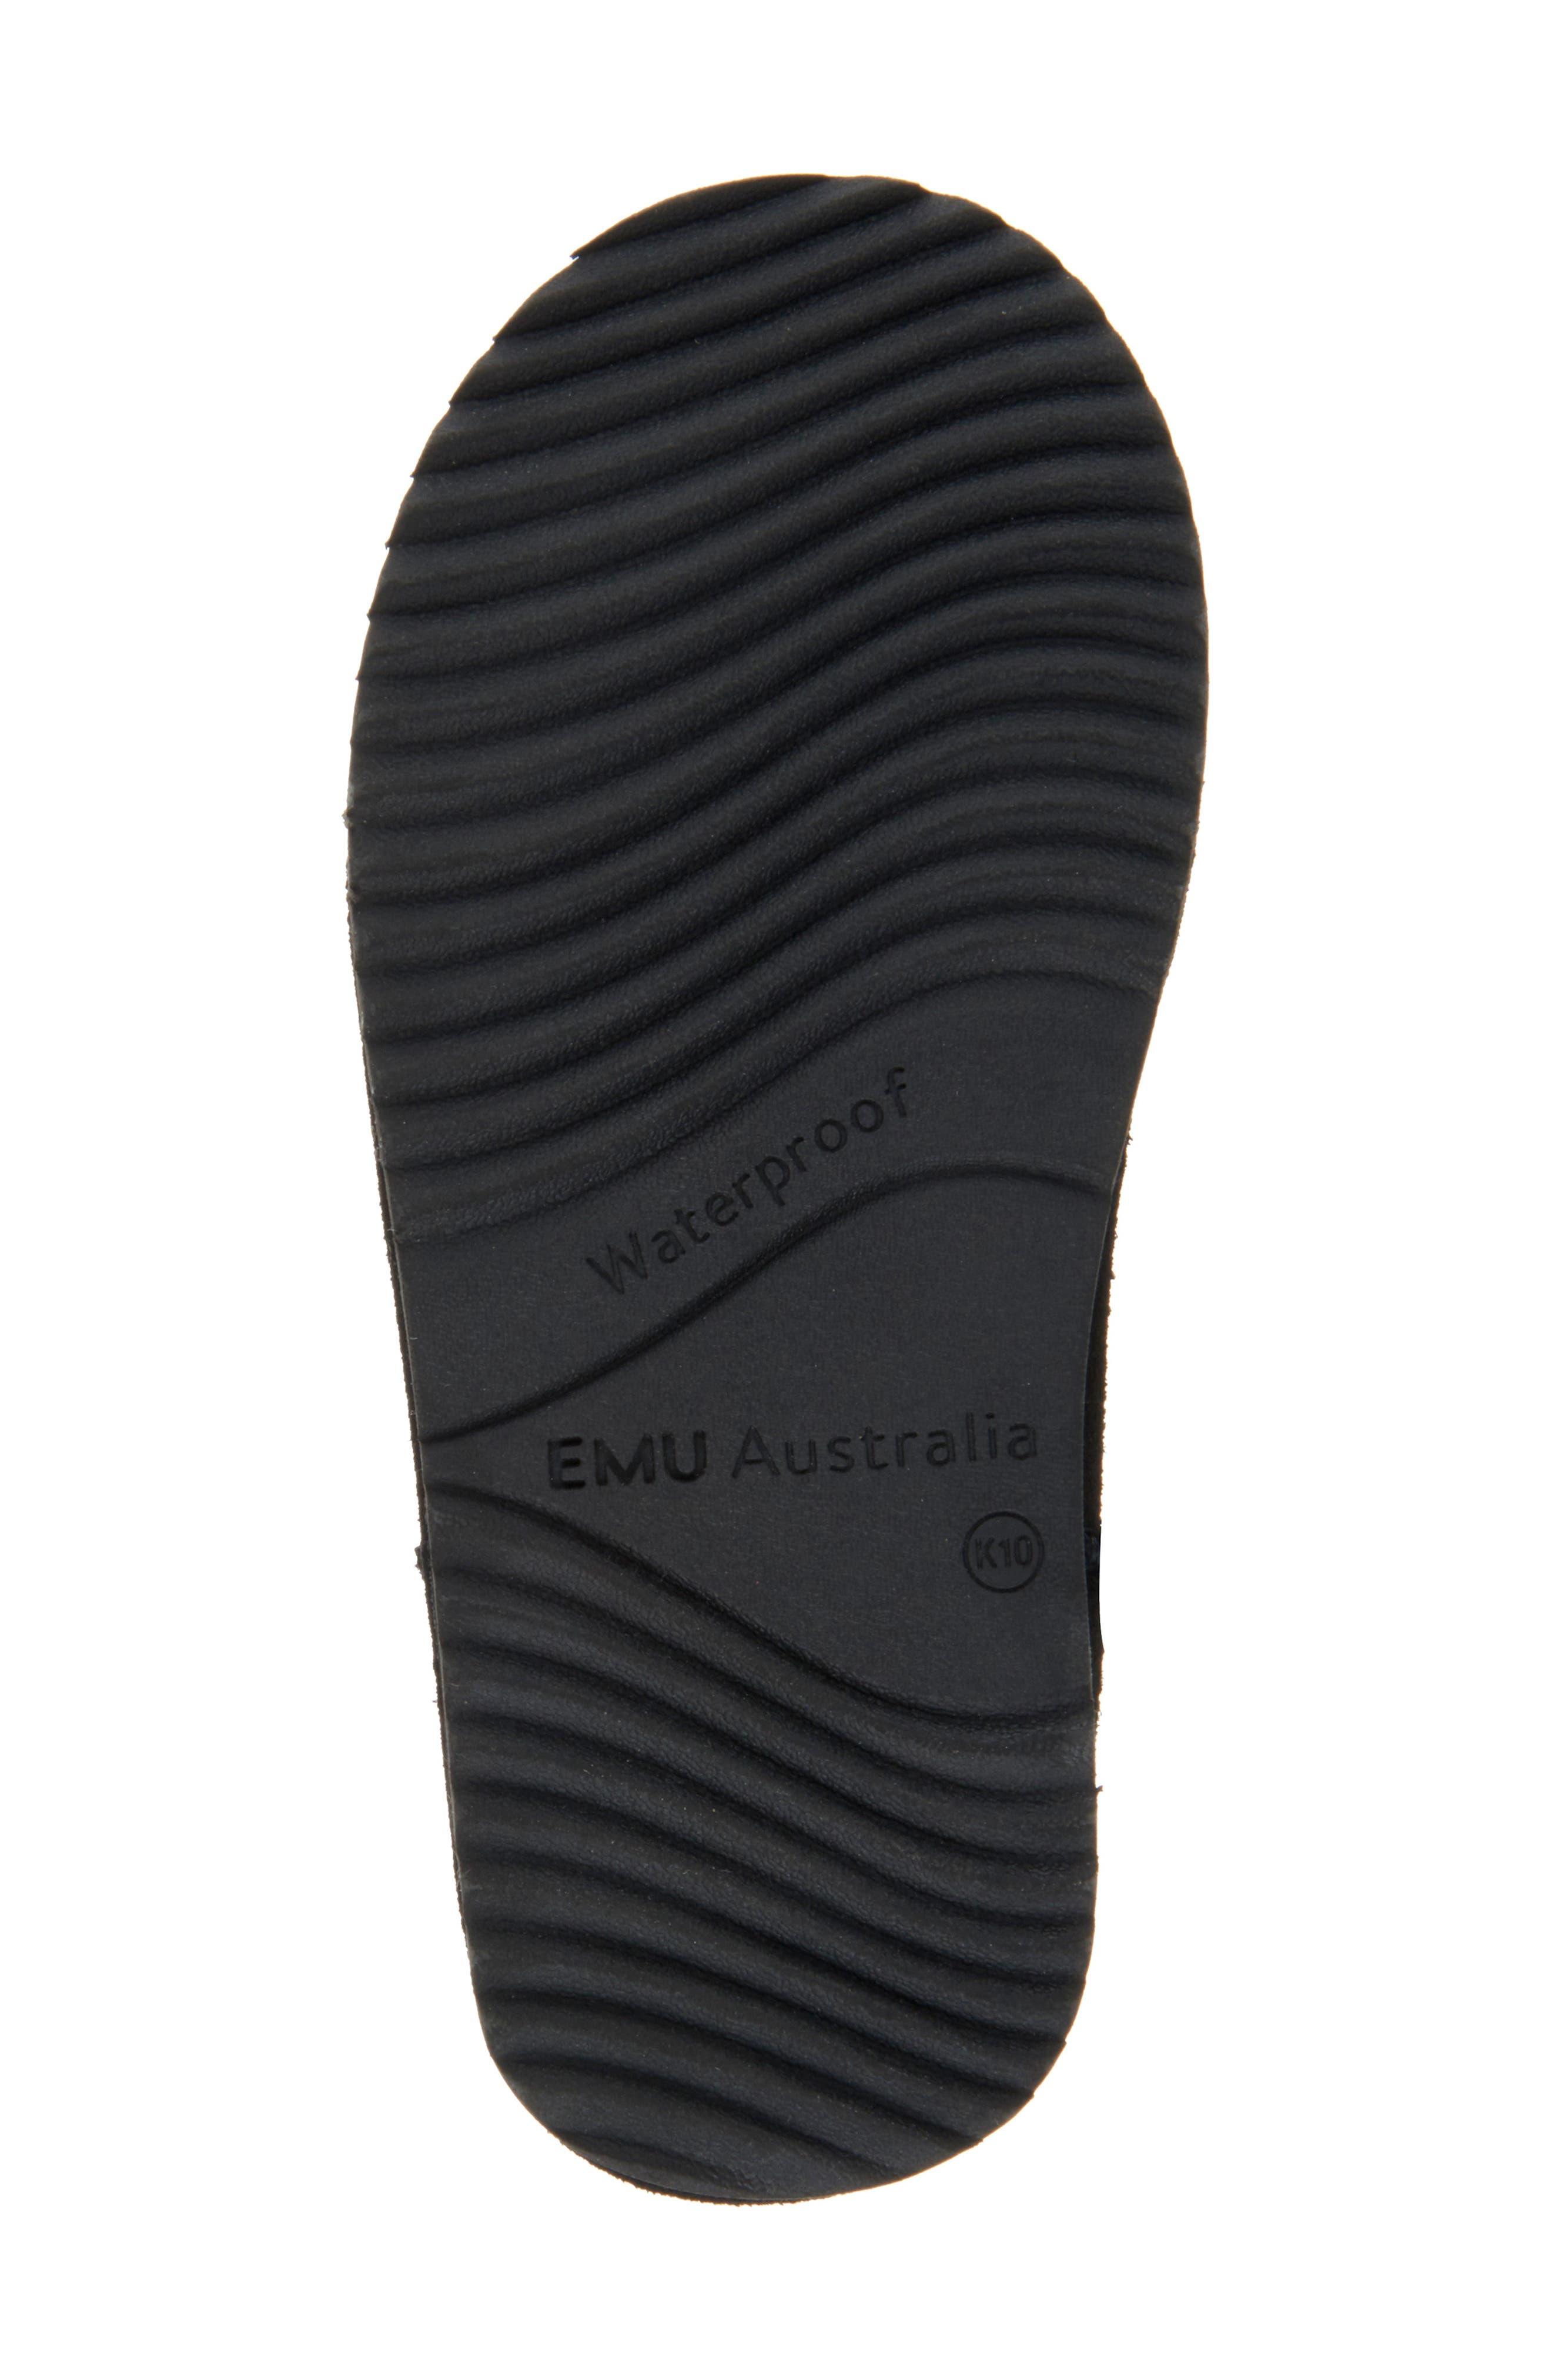 Brumby Waterproof Boot,                             Alternate thumbnail 5, color,                             BLACK SUEDE